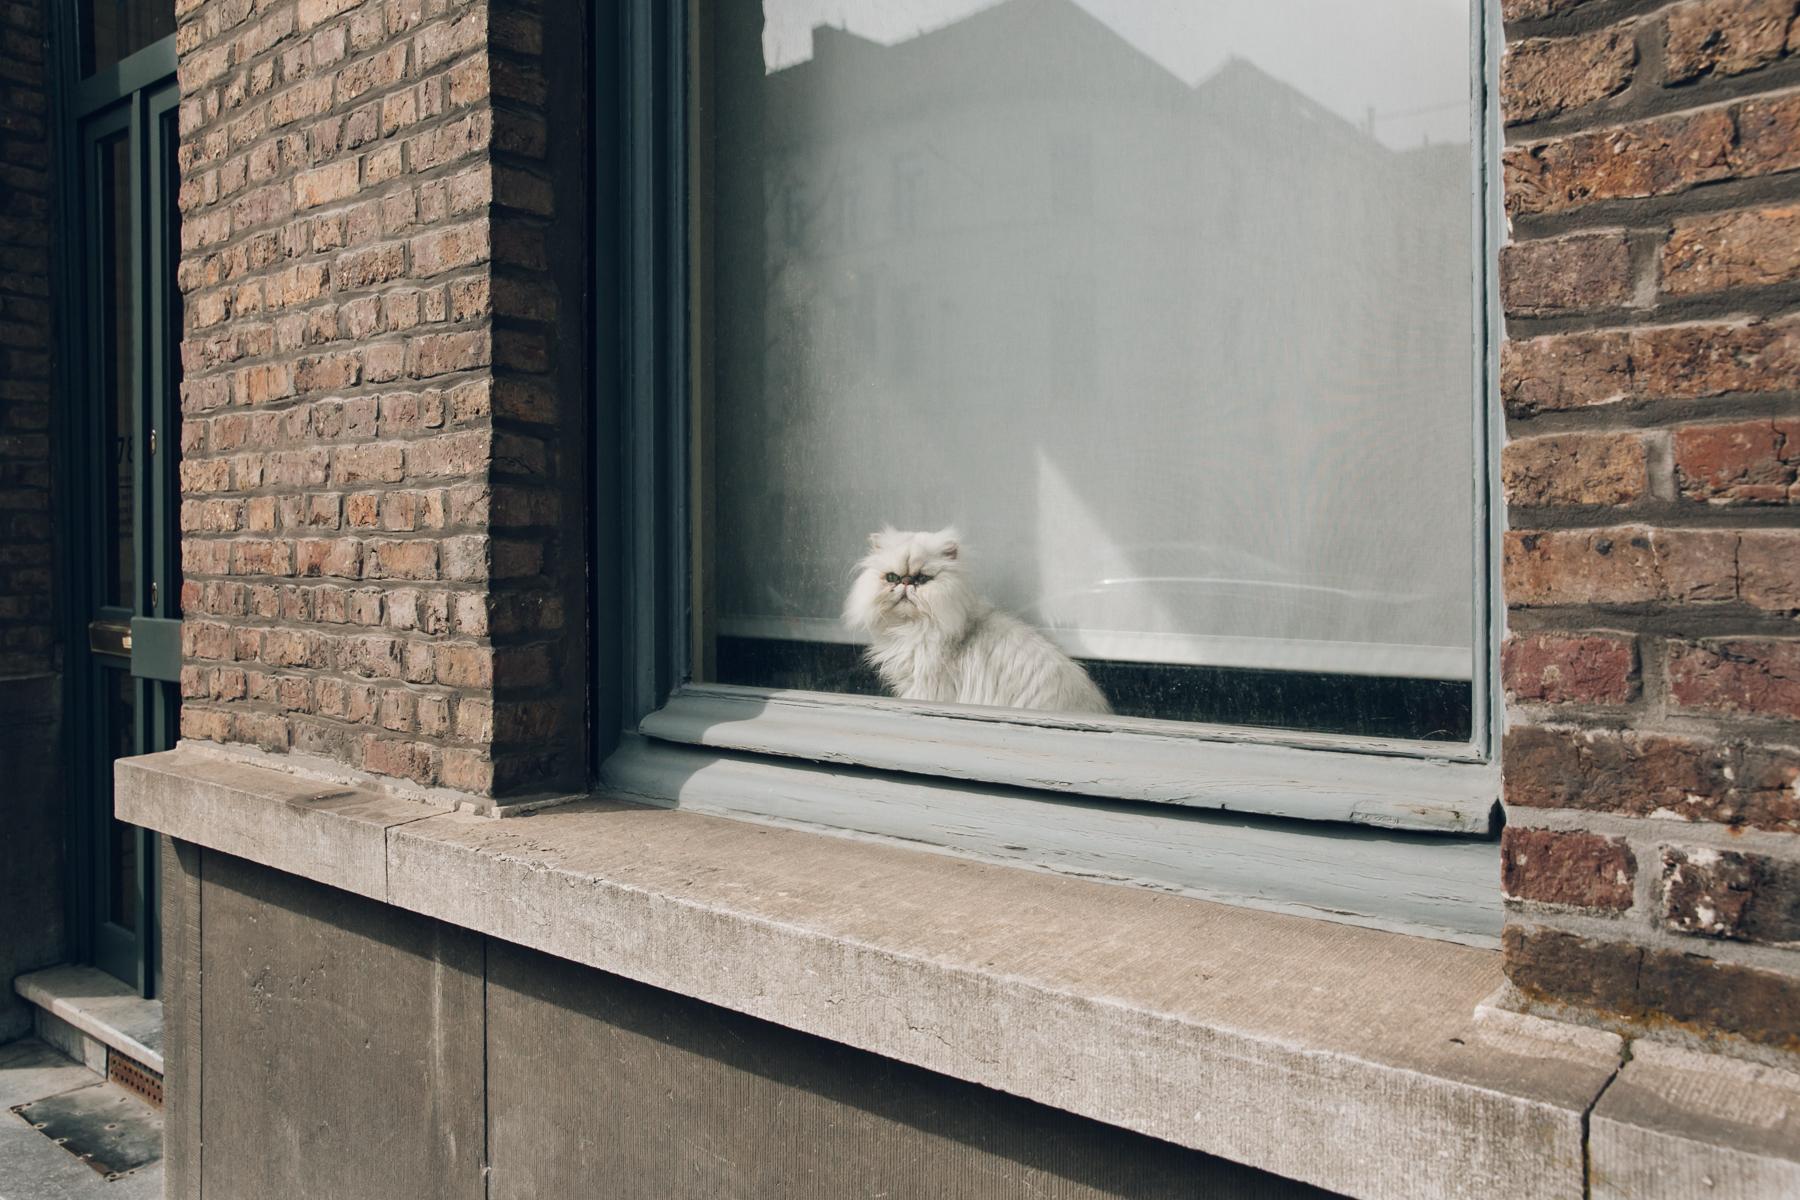 Coco the cat in a window in Gent, Belgium.